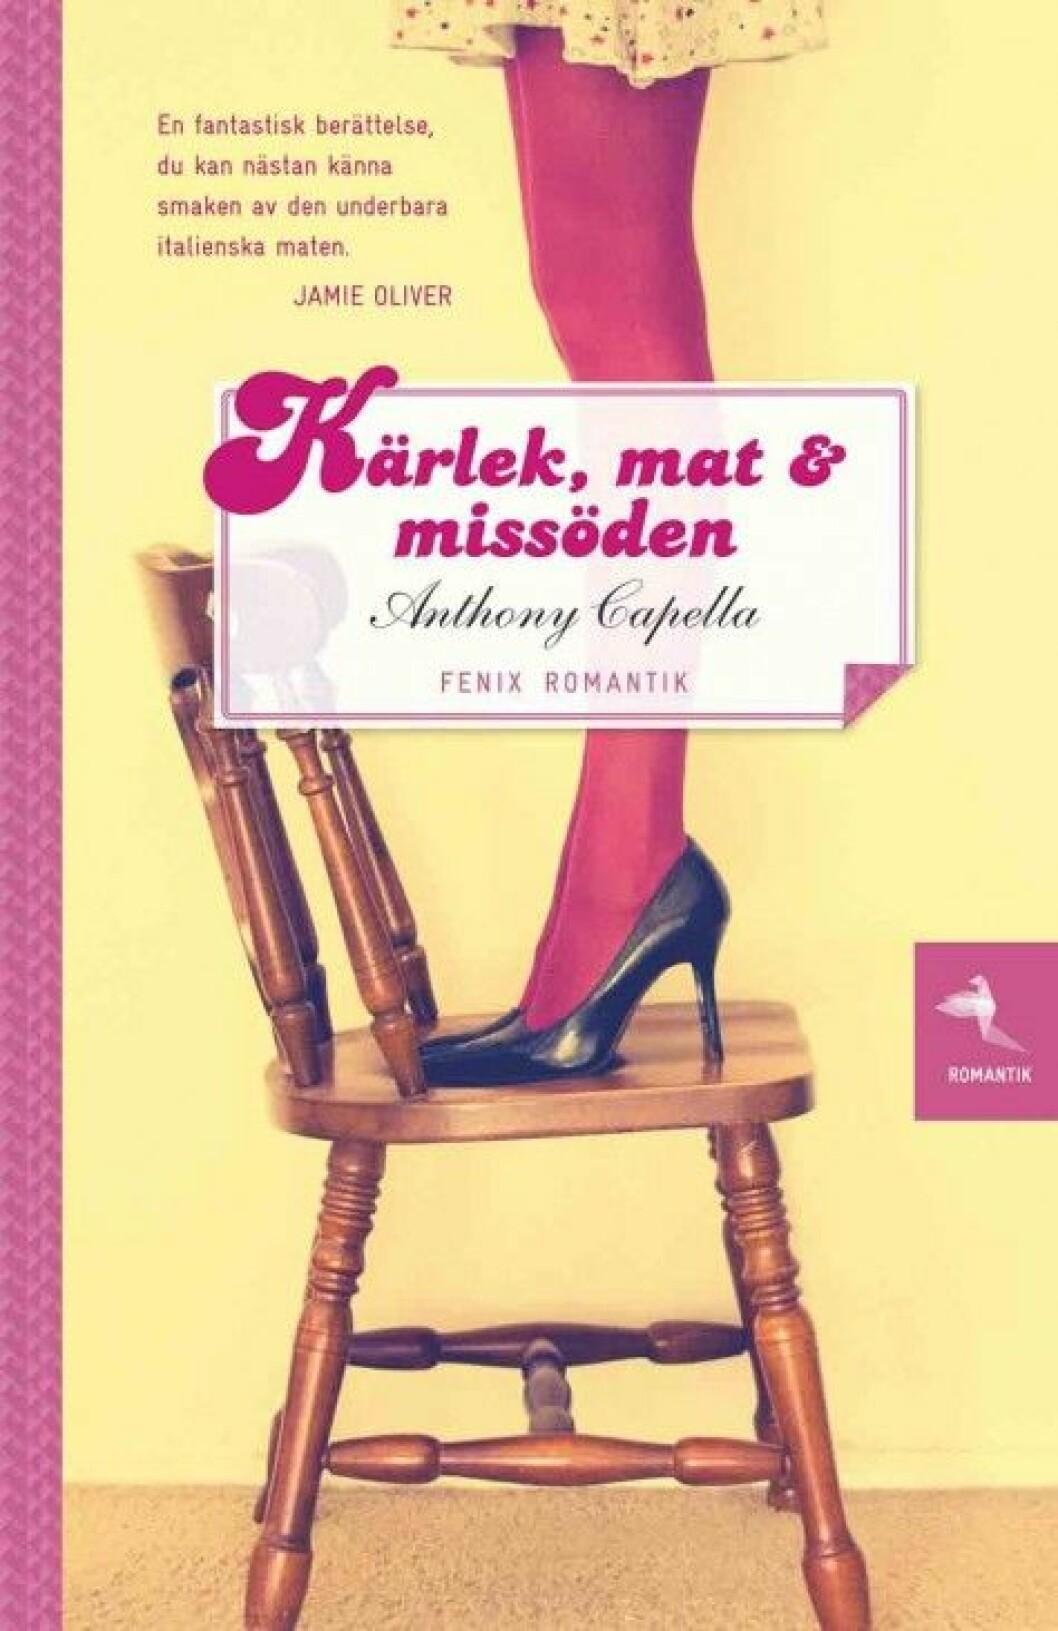 """Romance-litteraturen har kallats """"tantsnusk"""" – men älskas och konsumeras av många."""